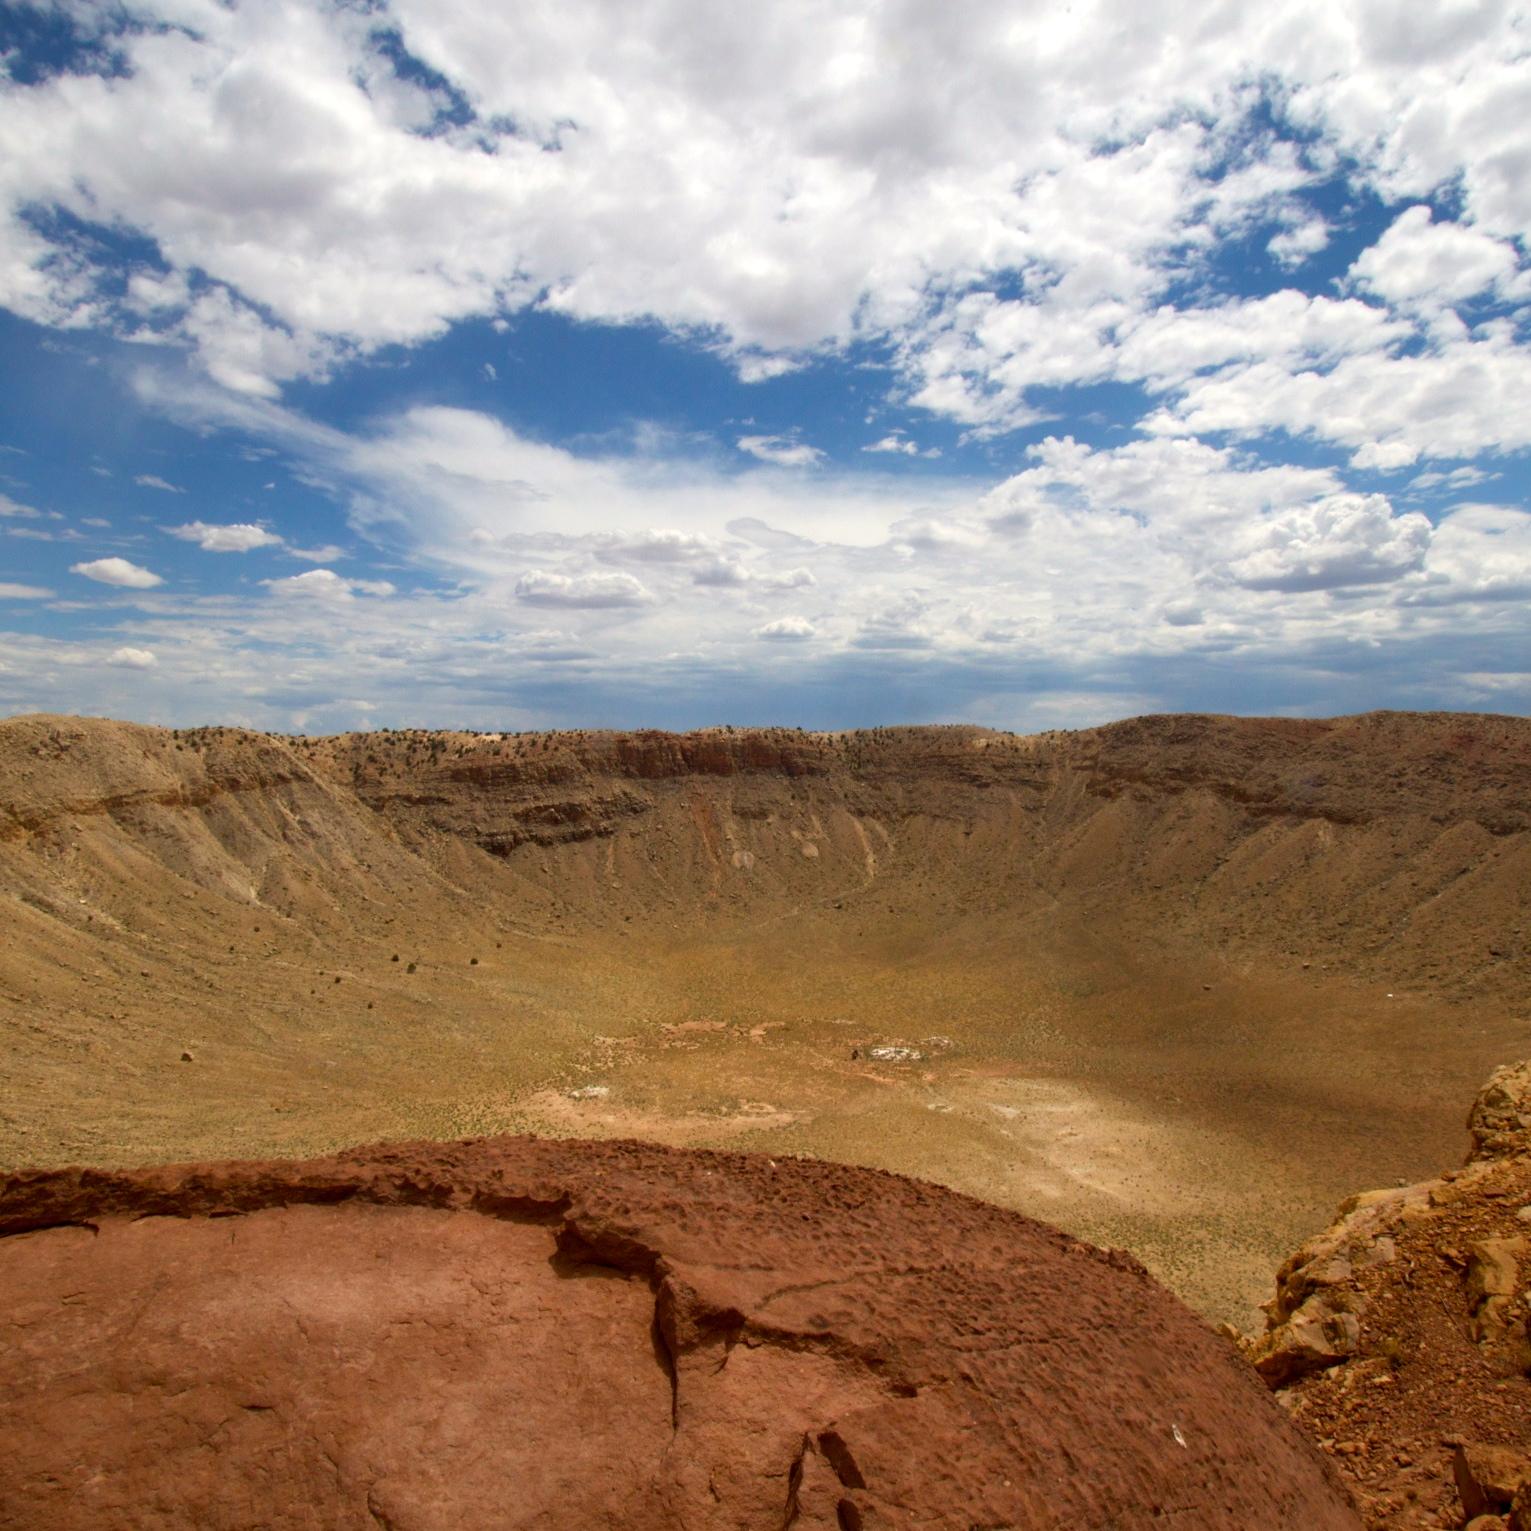 Mteor_Crater_Under_a_Big_Sky.jpg